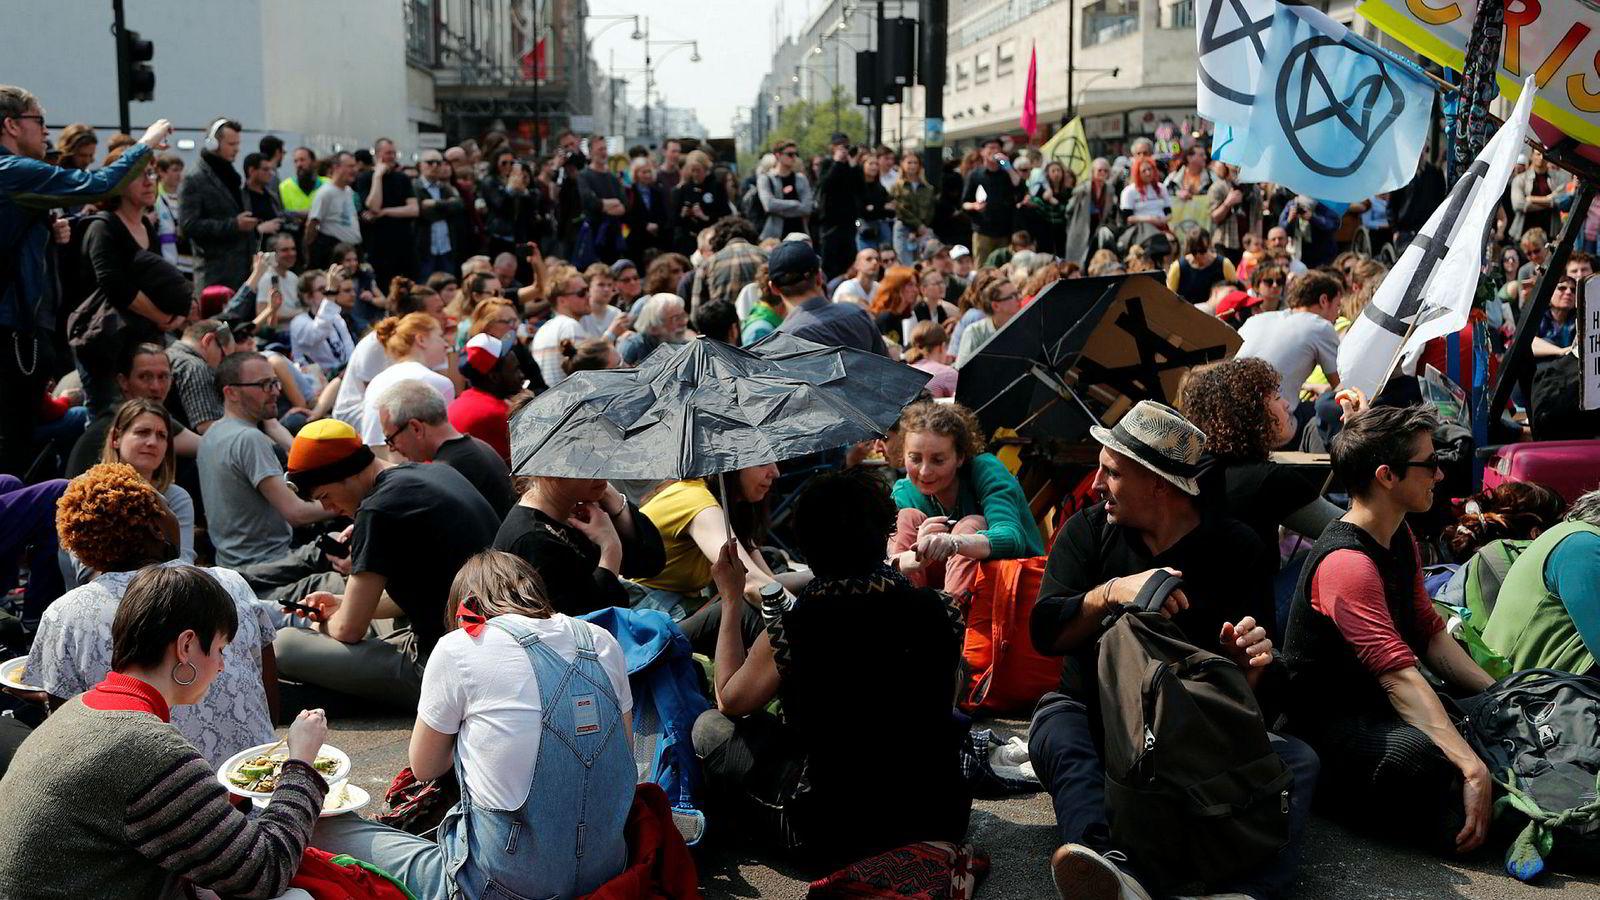 Demonstranter blokkerer Oxford Circus i London som en del av klimaprotestene arrangert av klimaaktivistgruppen Extinction Rebellion.